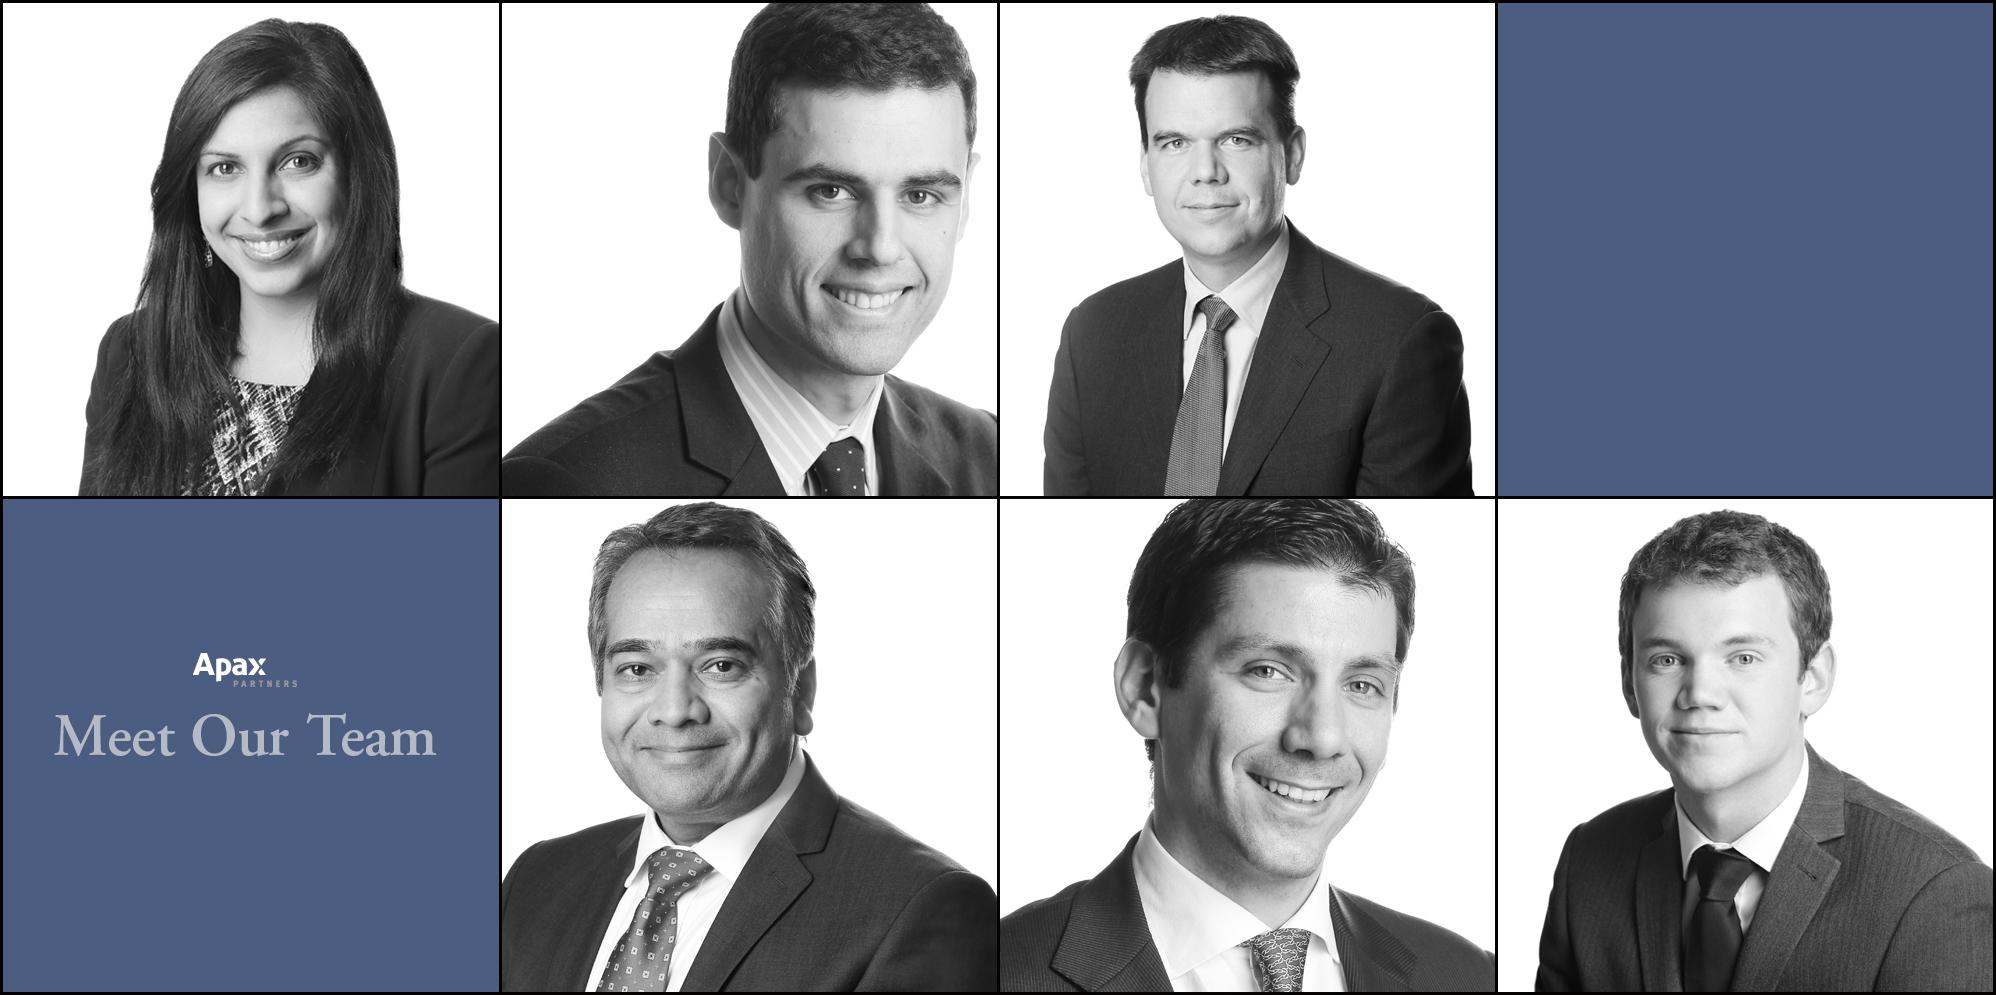 corporate headshots